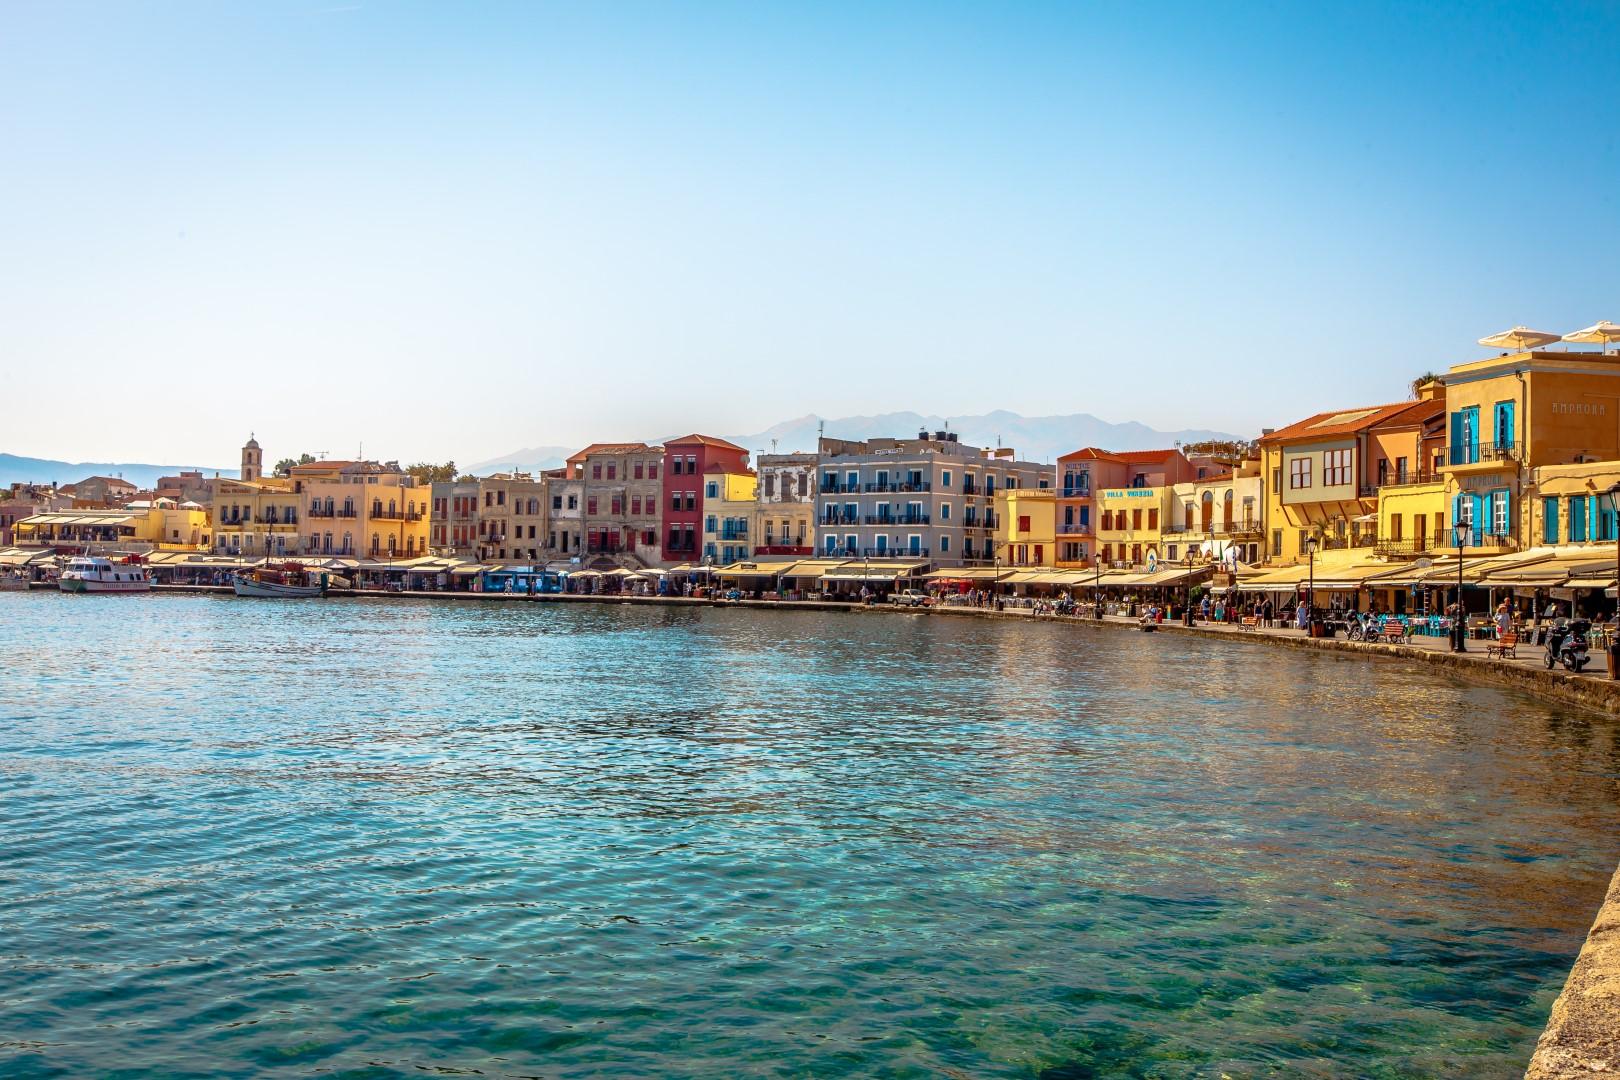 Зростання цін на нерухомість у Греції